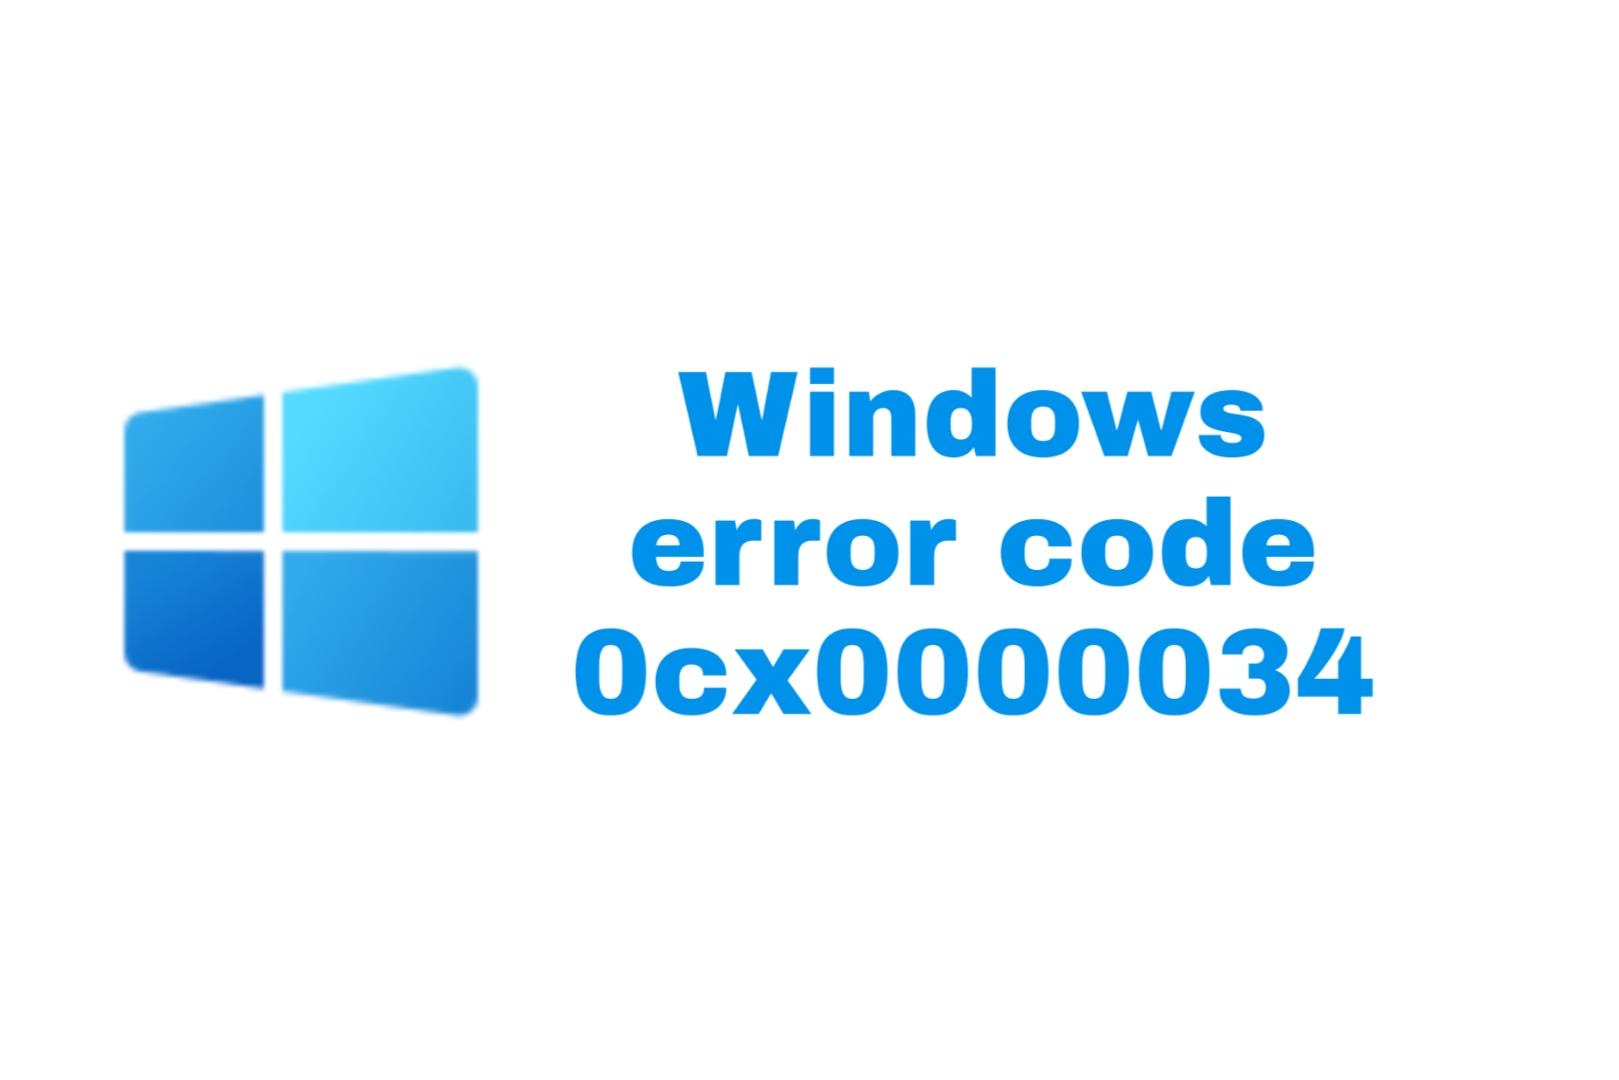 error code 0x0000034